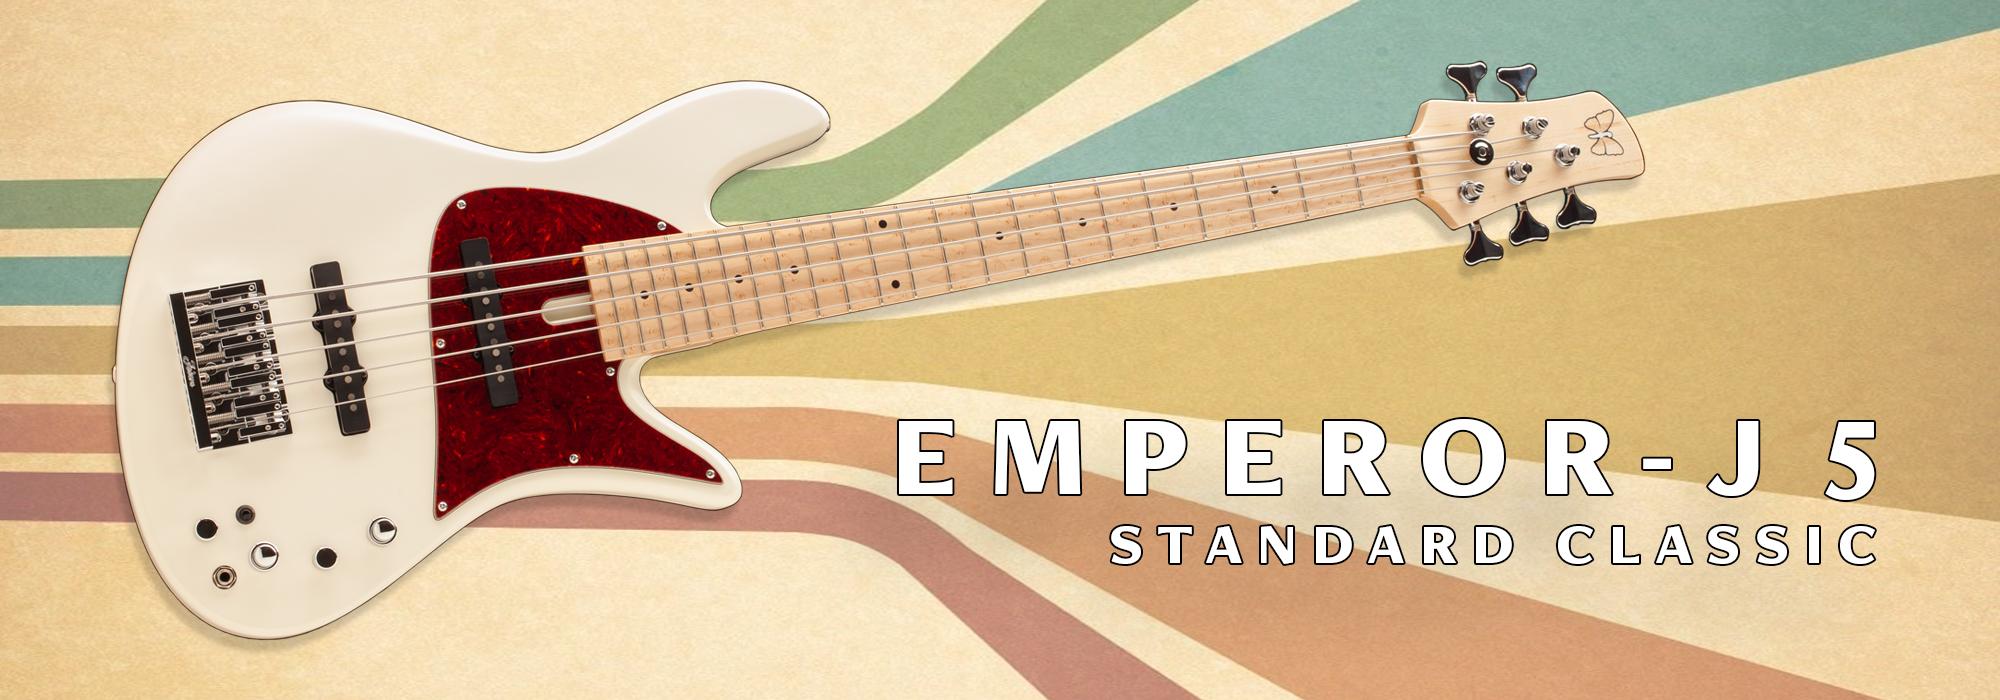 Emporer J5 Standard Classic Bass Guitar